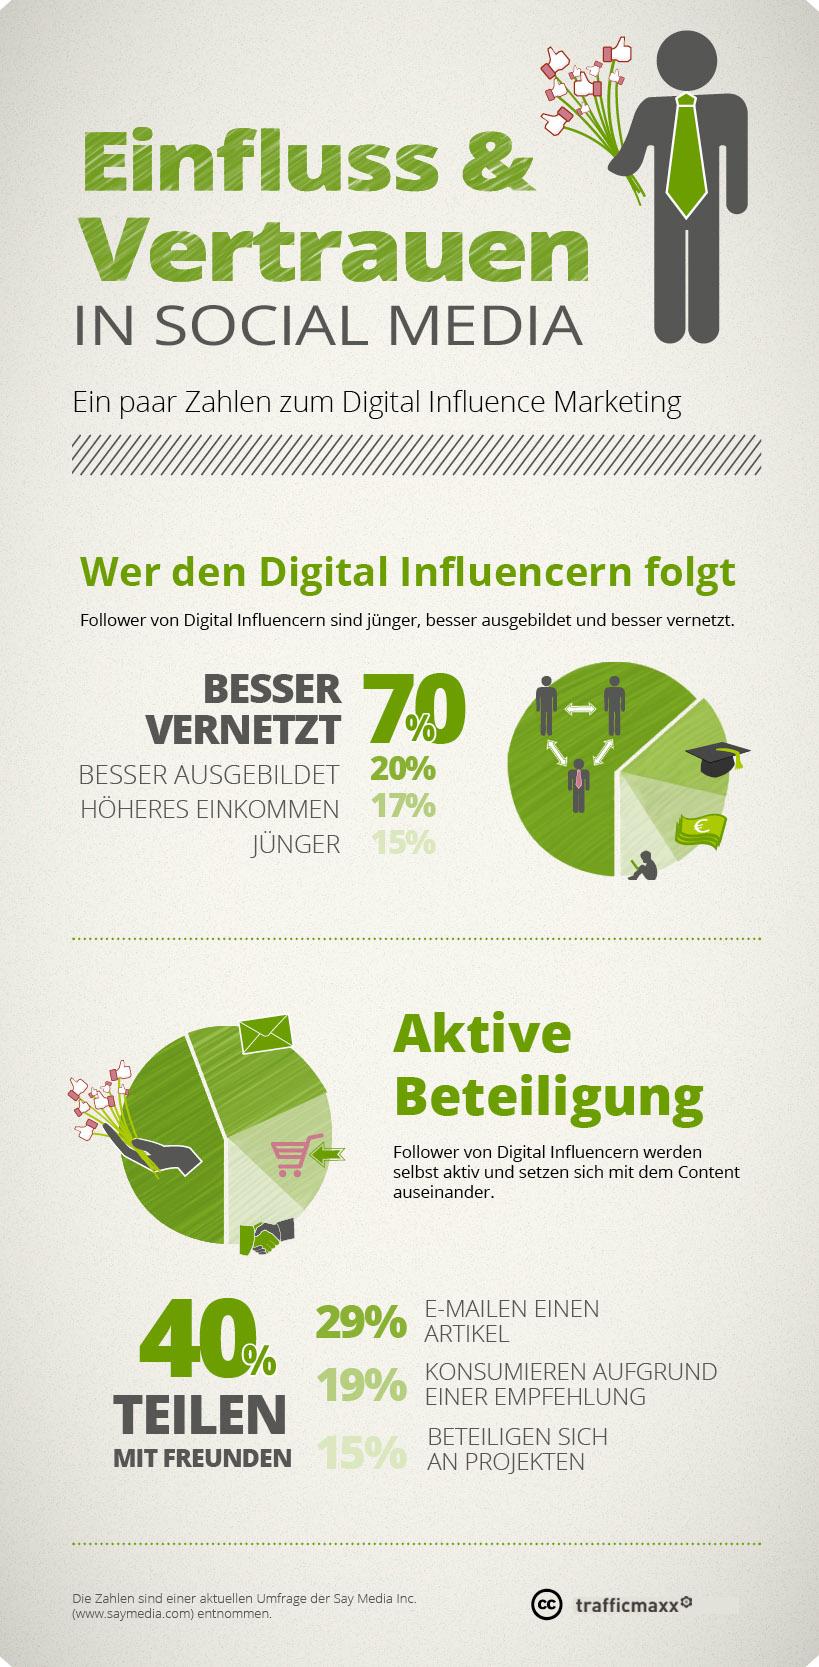 Digital Influence Marketing - Lieber einflussreicher Nutzer, bitte weitersagen